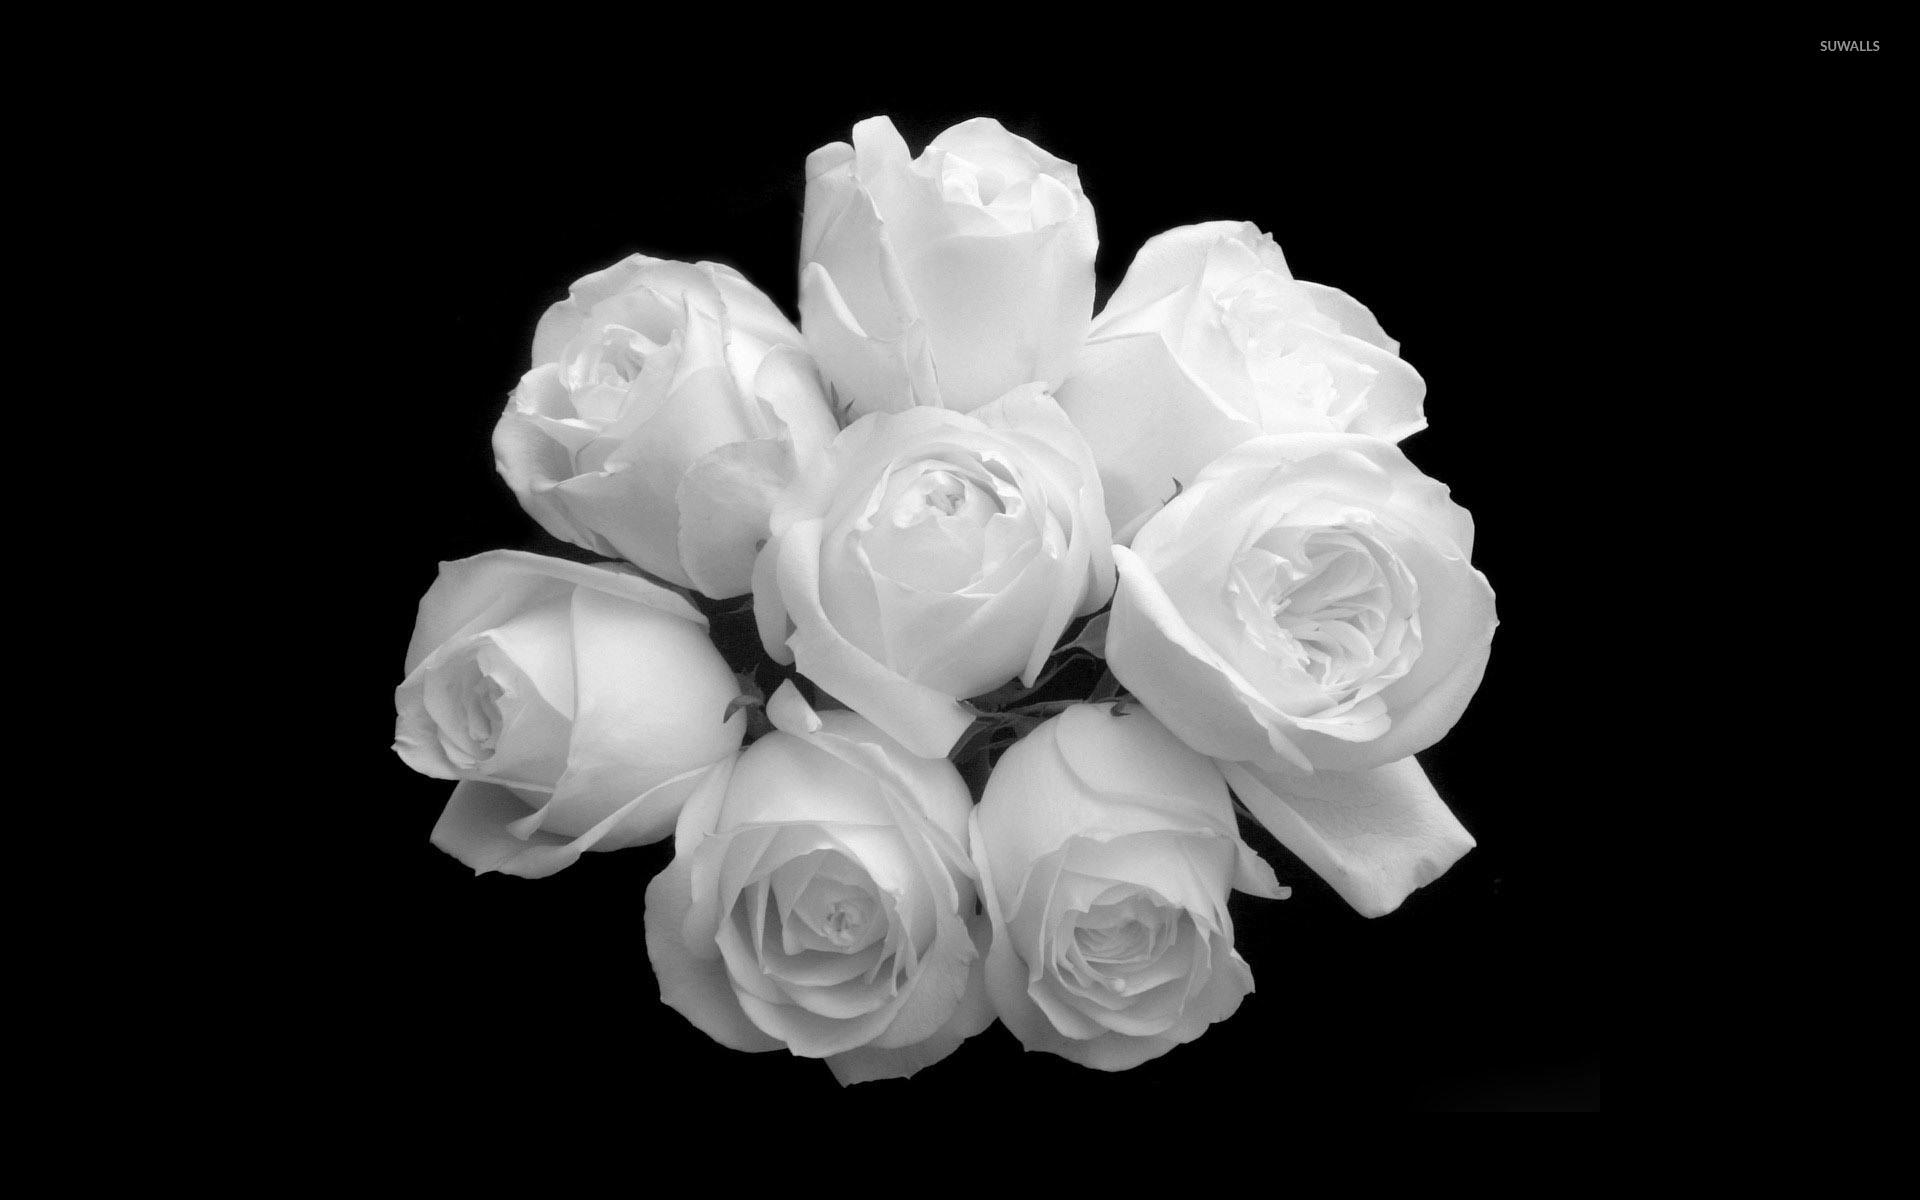 صور ورد جميل صور ورد رومانسى HD 2020 معلومات عن الورد 8